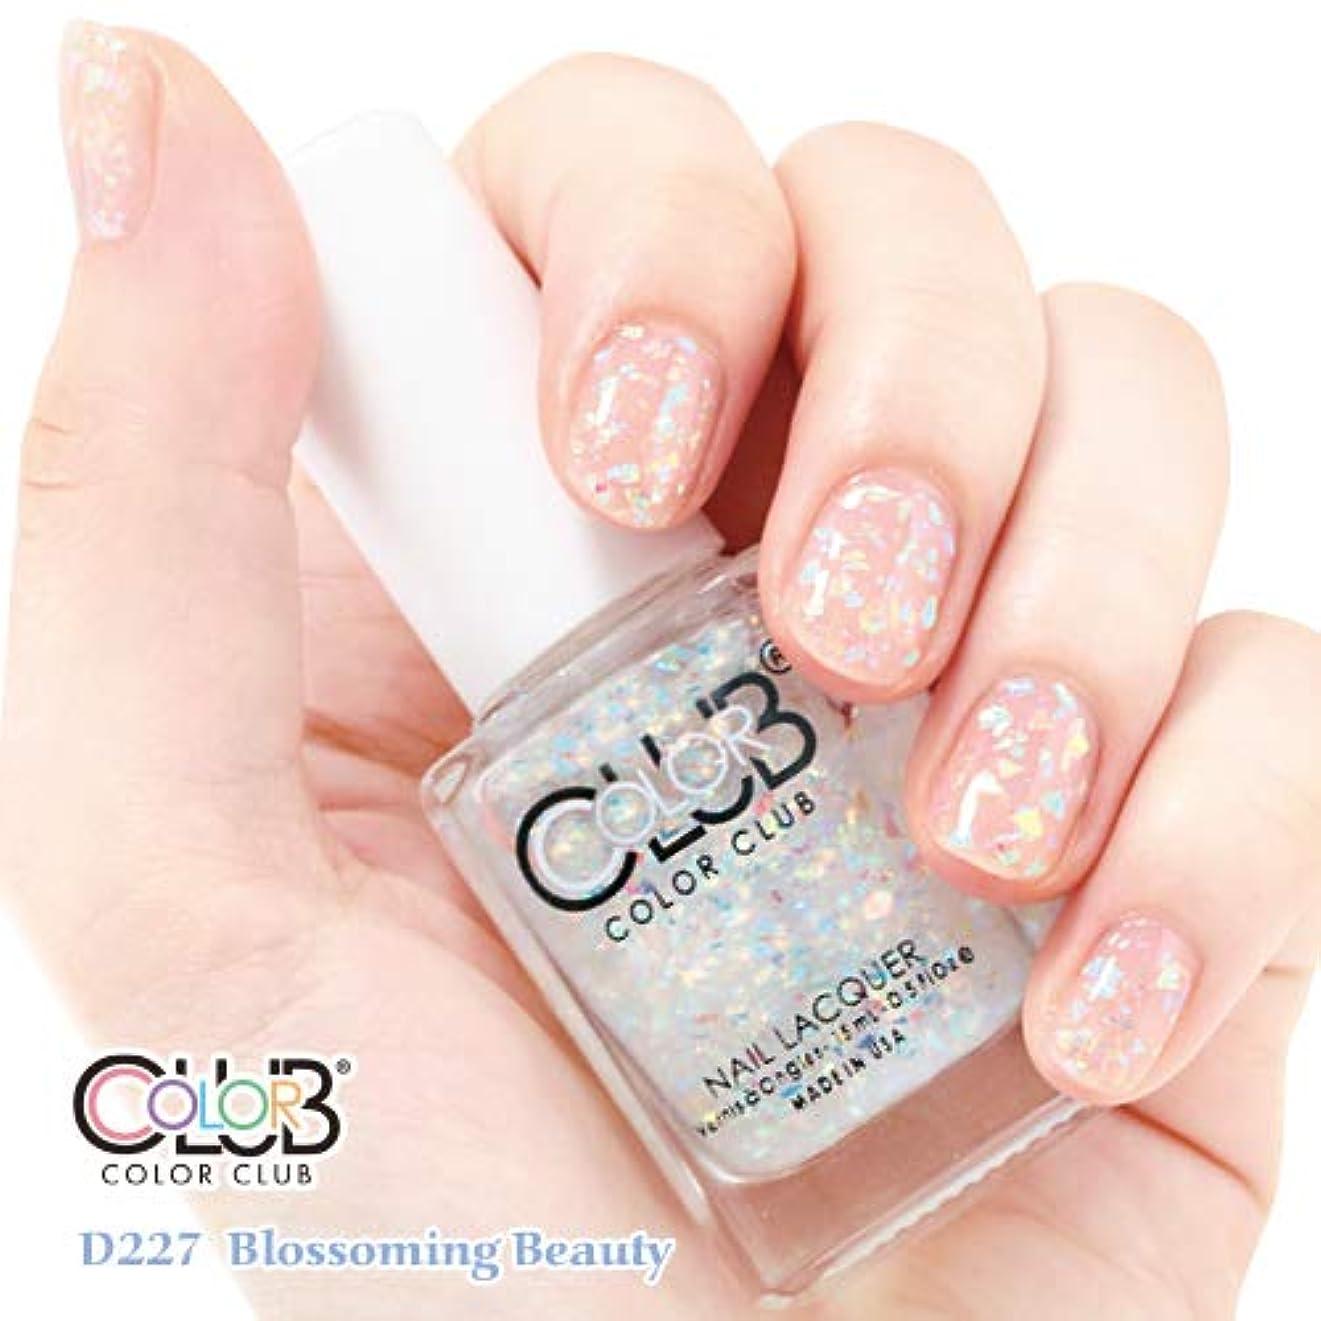 縁石細いかろうじてforsythe COLOR CLUB フォーサイス カラークラブ D227/Blossoming Beauty